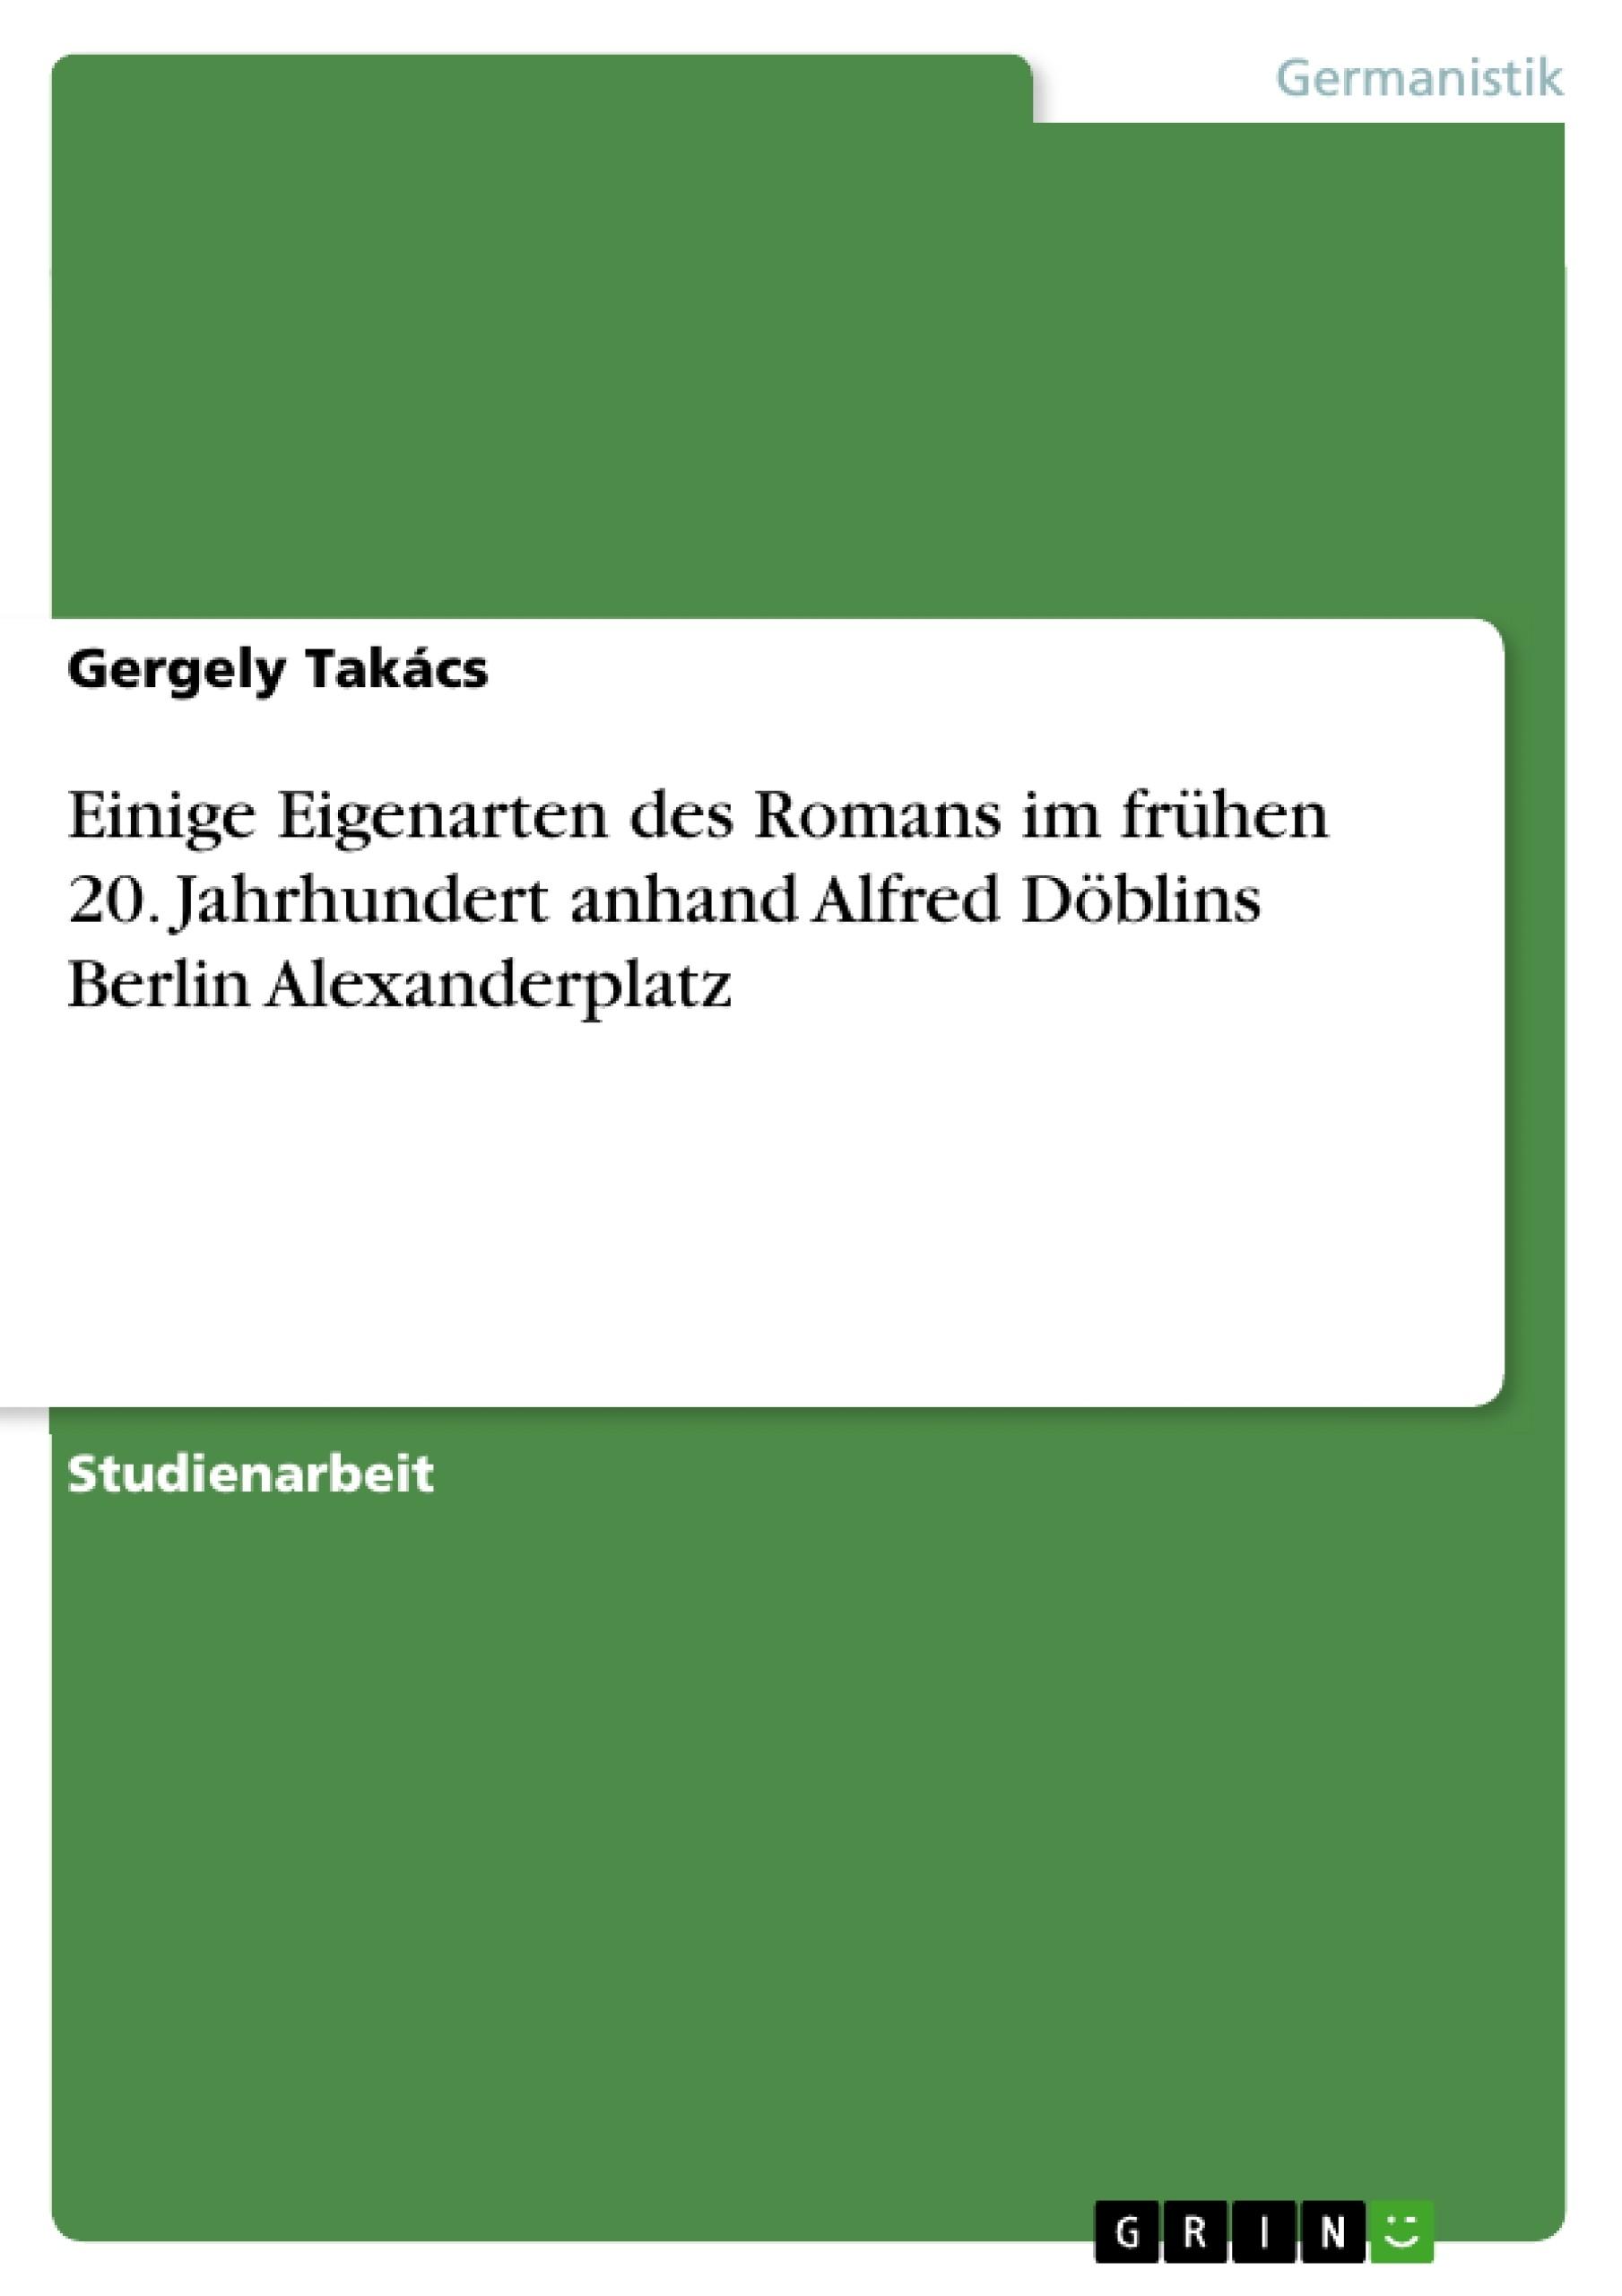 Titel: Einige Eigenarten des Romans im frühen 20. Jahrhundert anhand Alfred Döblins Berlin Alexanderplatz